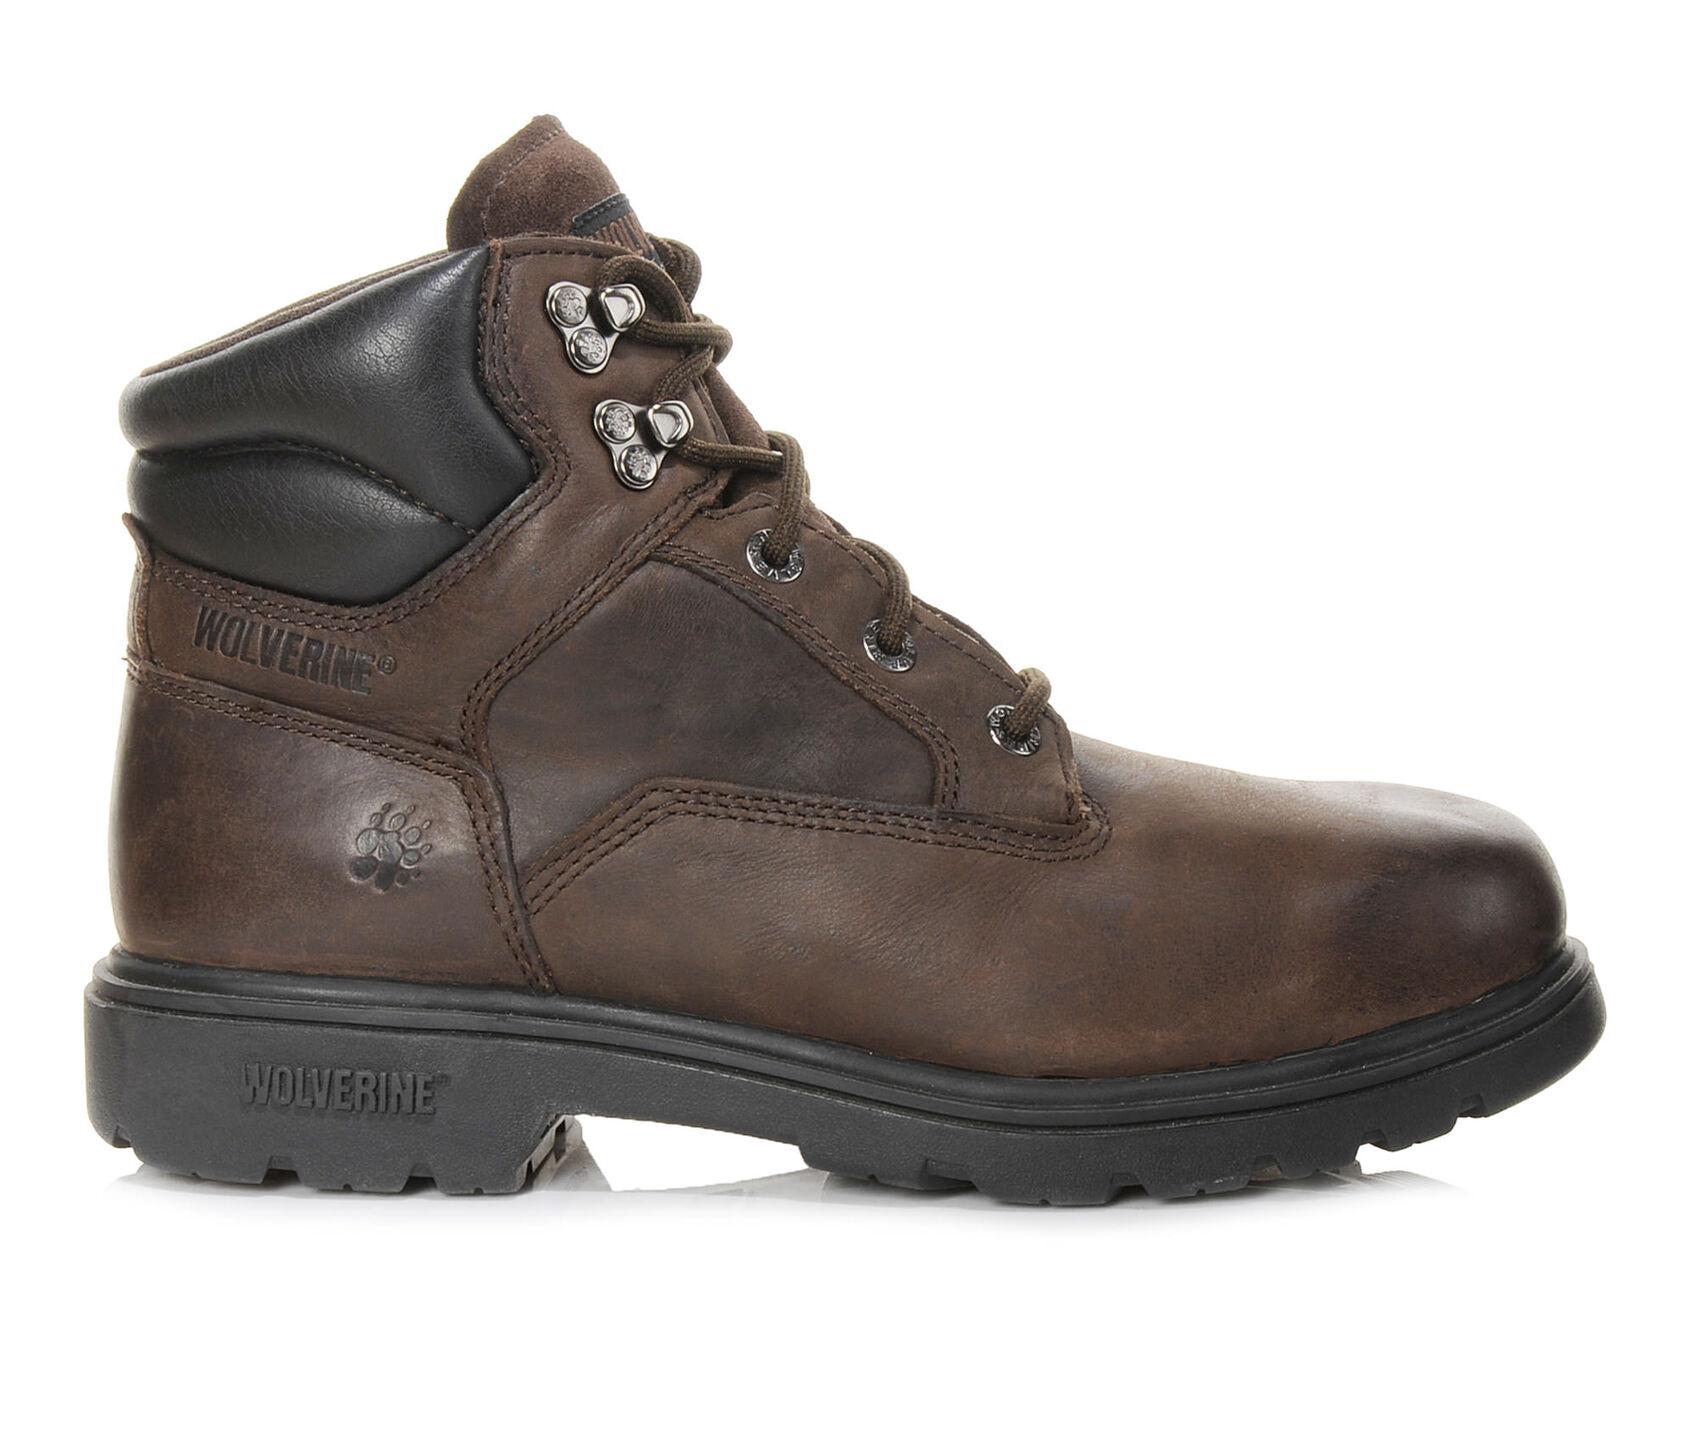 1ef873f6193 Men's Wolverine Bulldozer Work Boots